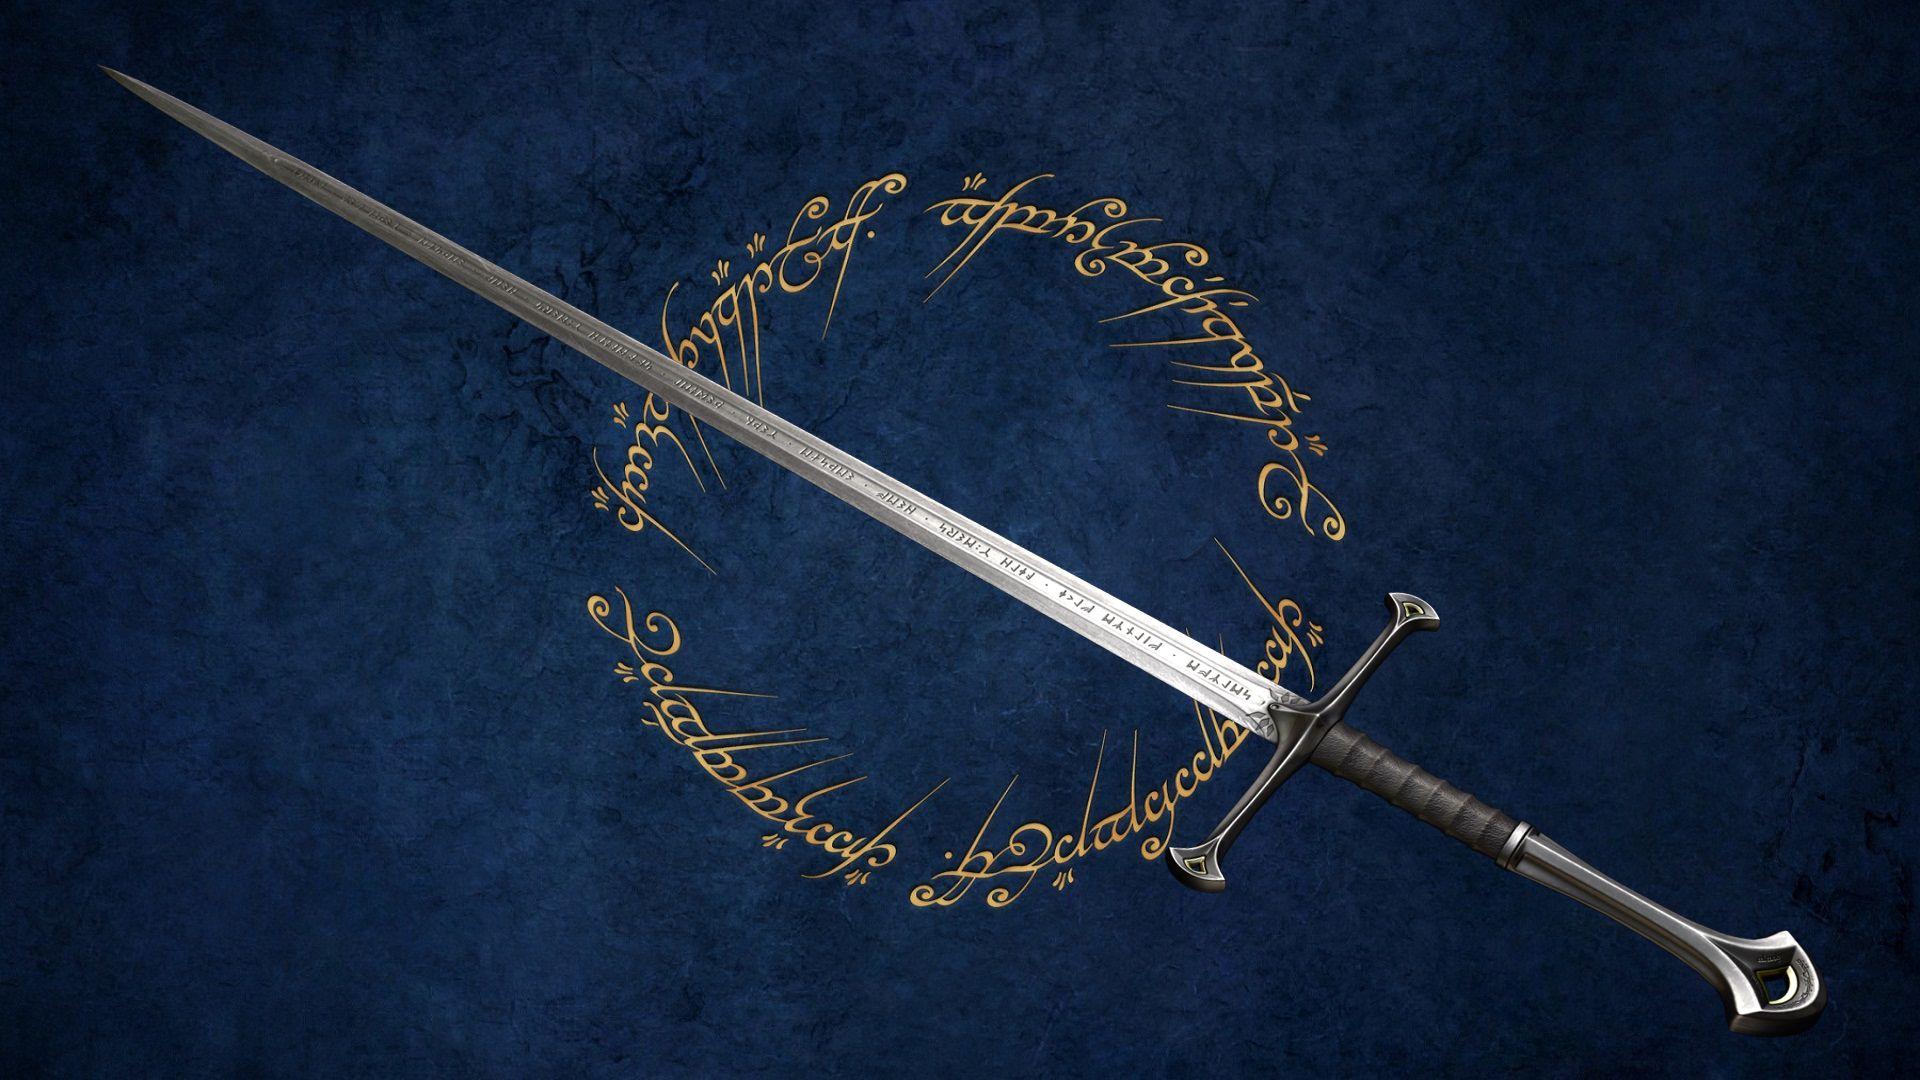 Sword hd wallpaper 1080